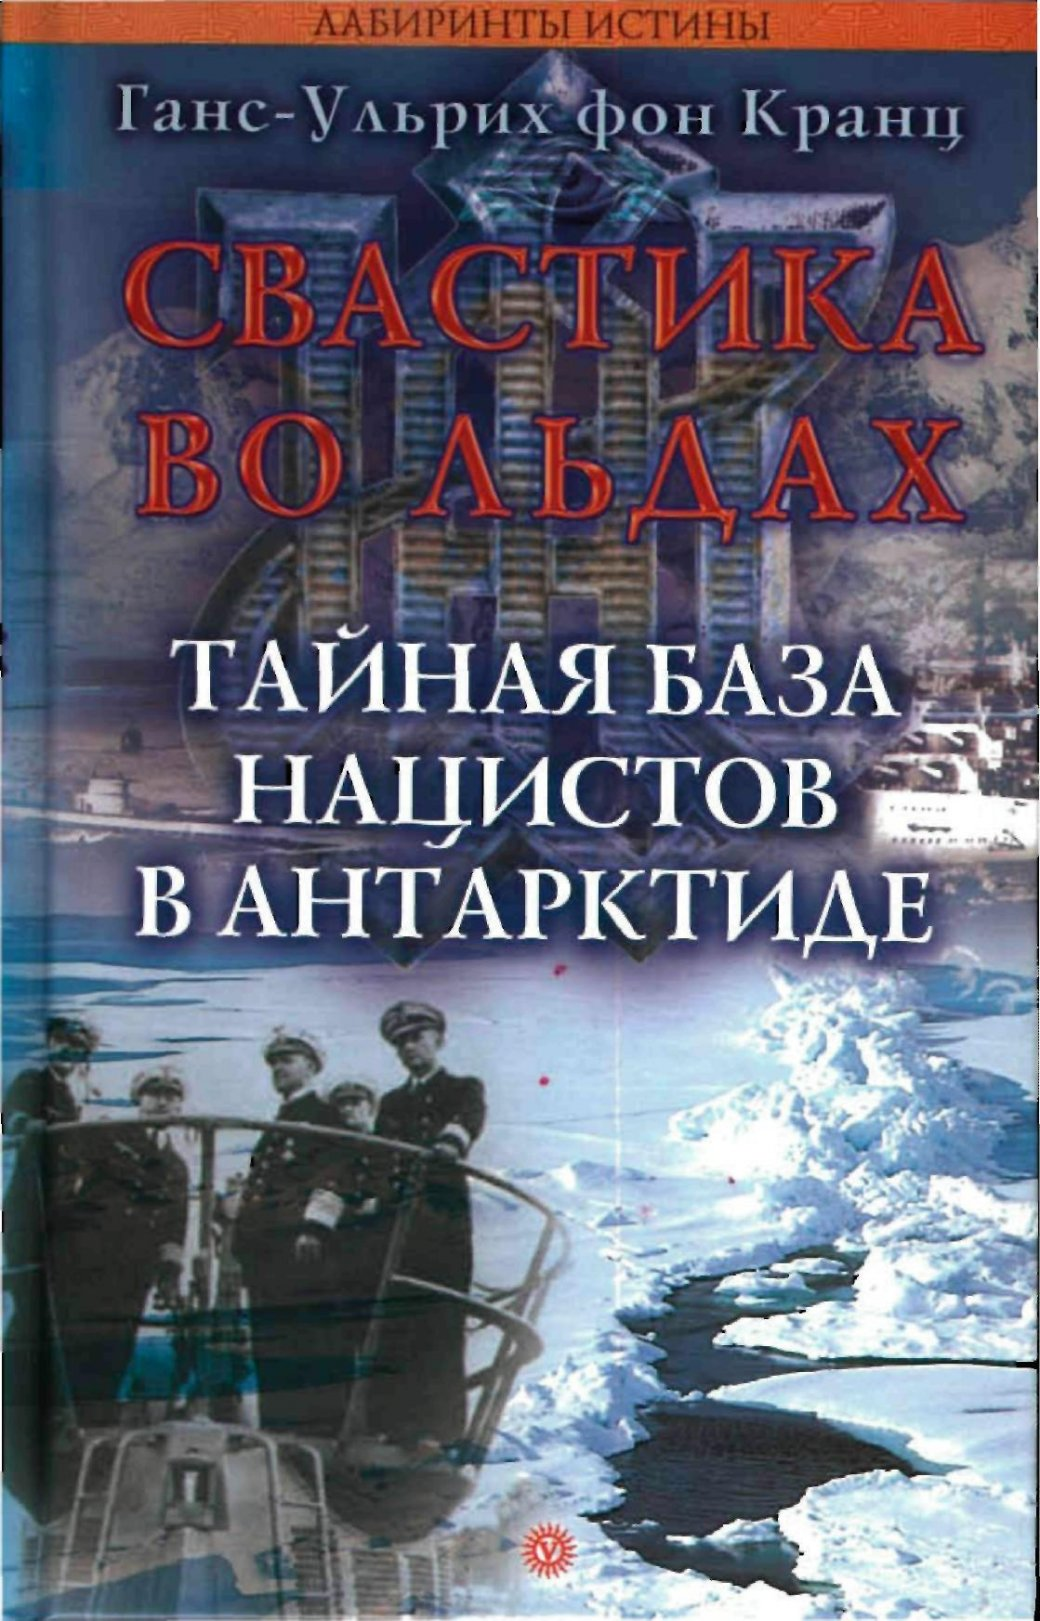 10 книг про нацистов, Третий Рейх иальтернативную историю Второй мировой, которые стоит прочитать | Канобу - Изображение 10